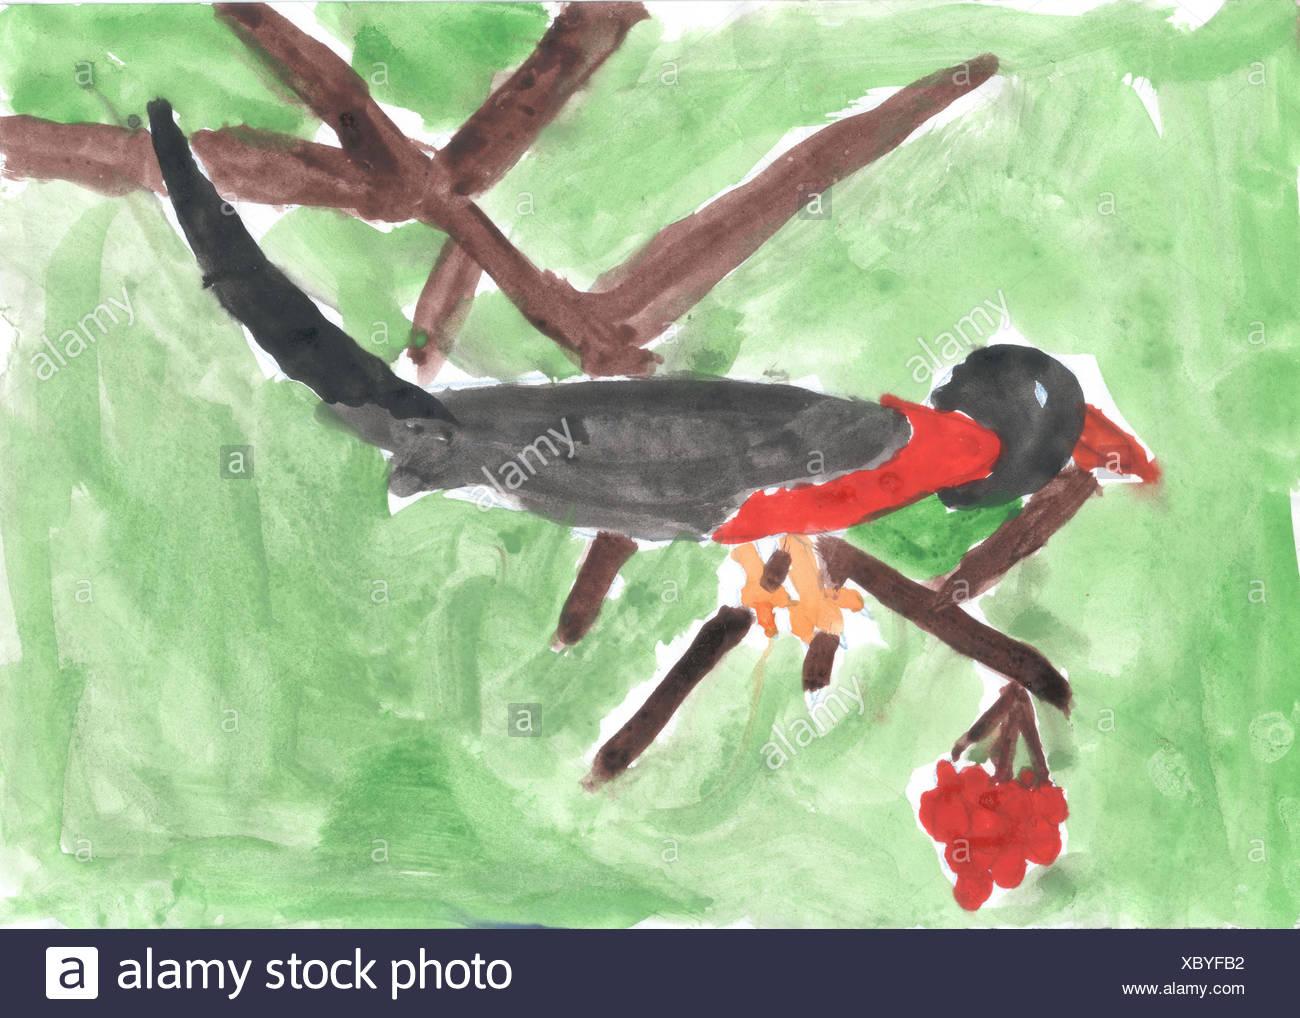 Disegno Di Un Bambino : Un bambino disegno di uccello seduto sul ramo di rowan foto